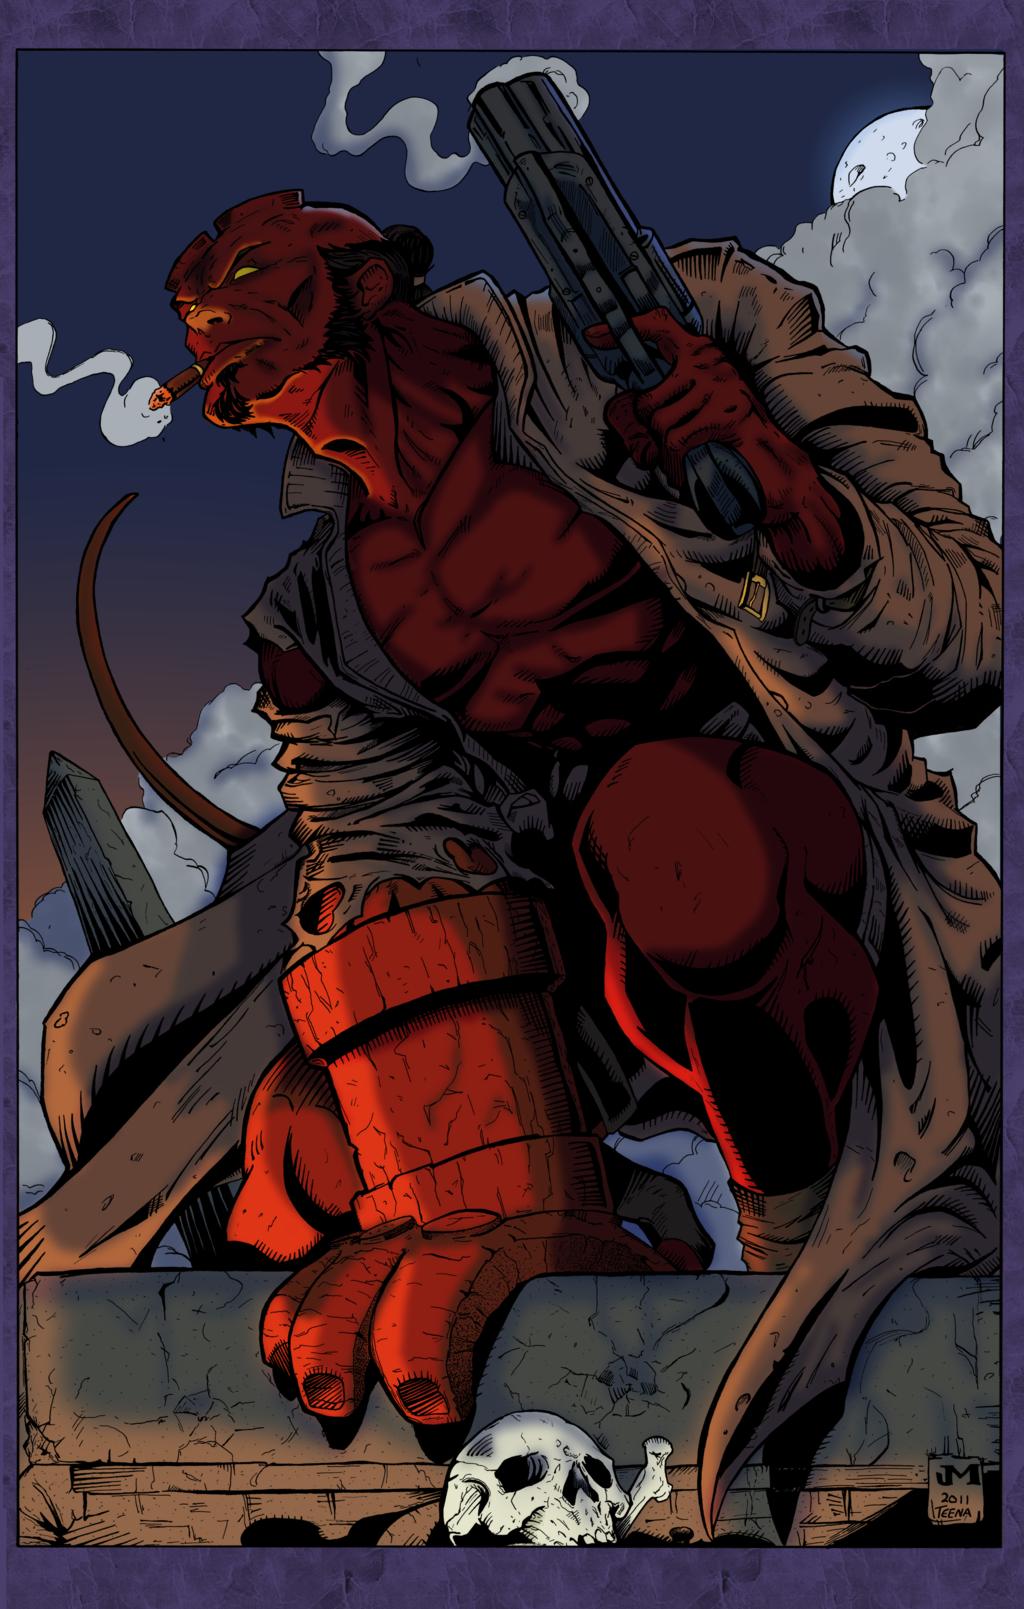 Hellboy Brooding